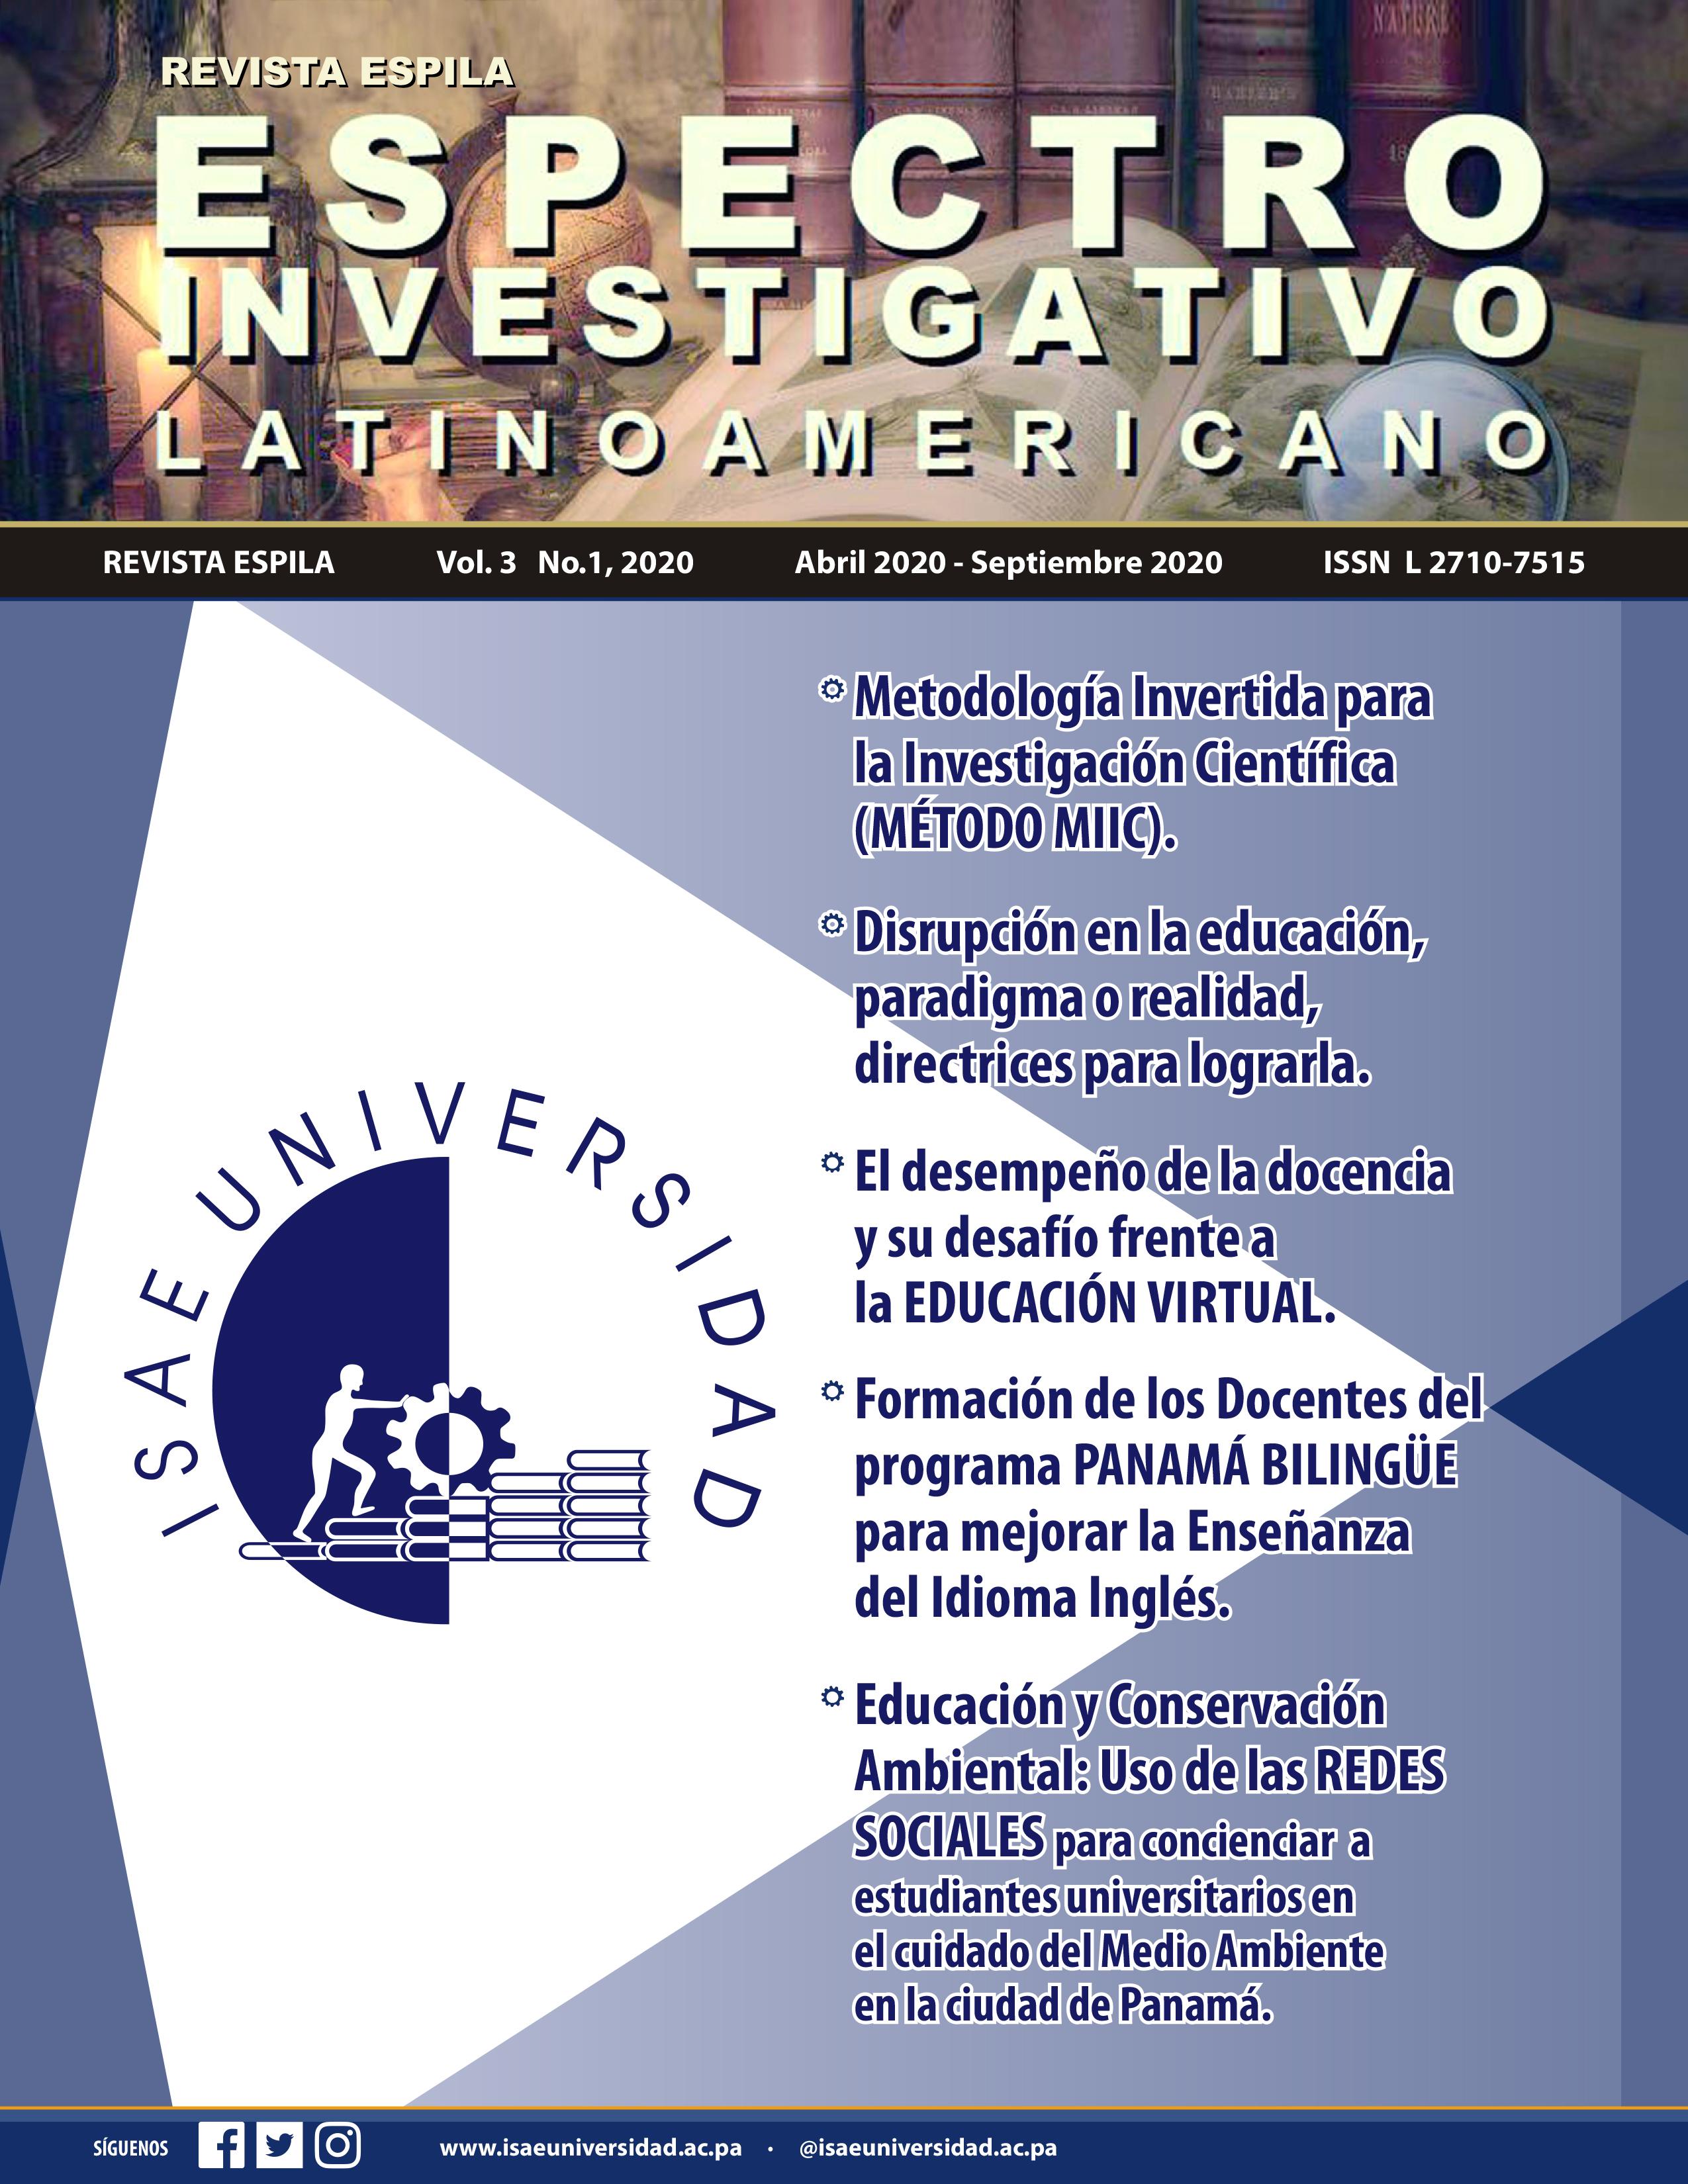 Metodología Invertida para la Investigación Científica